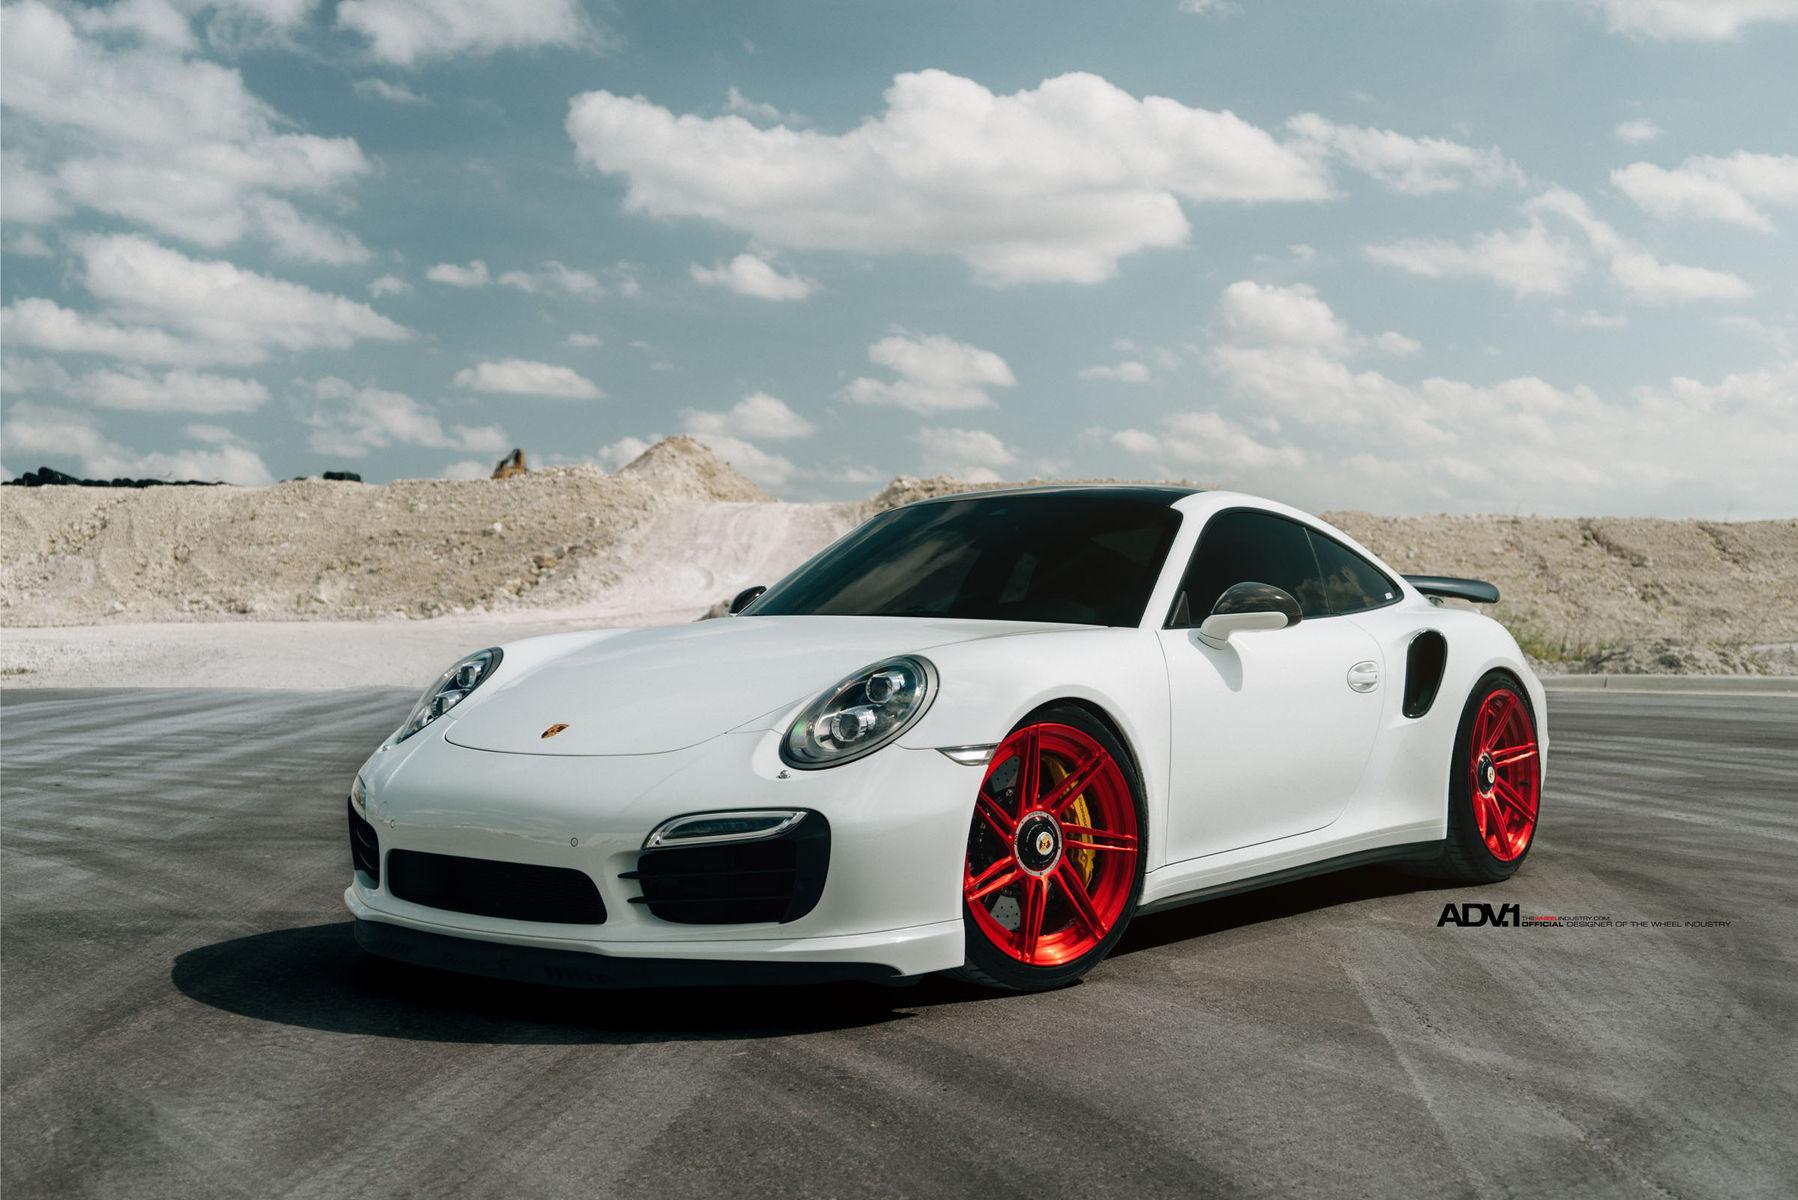 2015 Porsche 911 | ADV.1 Wheels Porsche 991 Turbo S